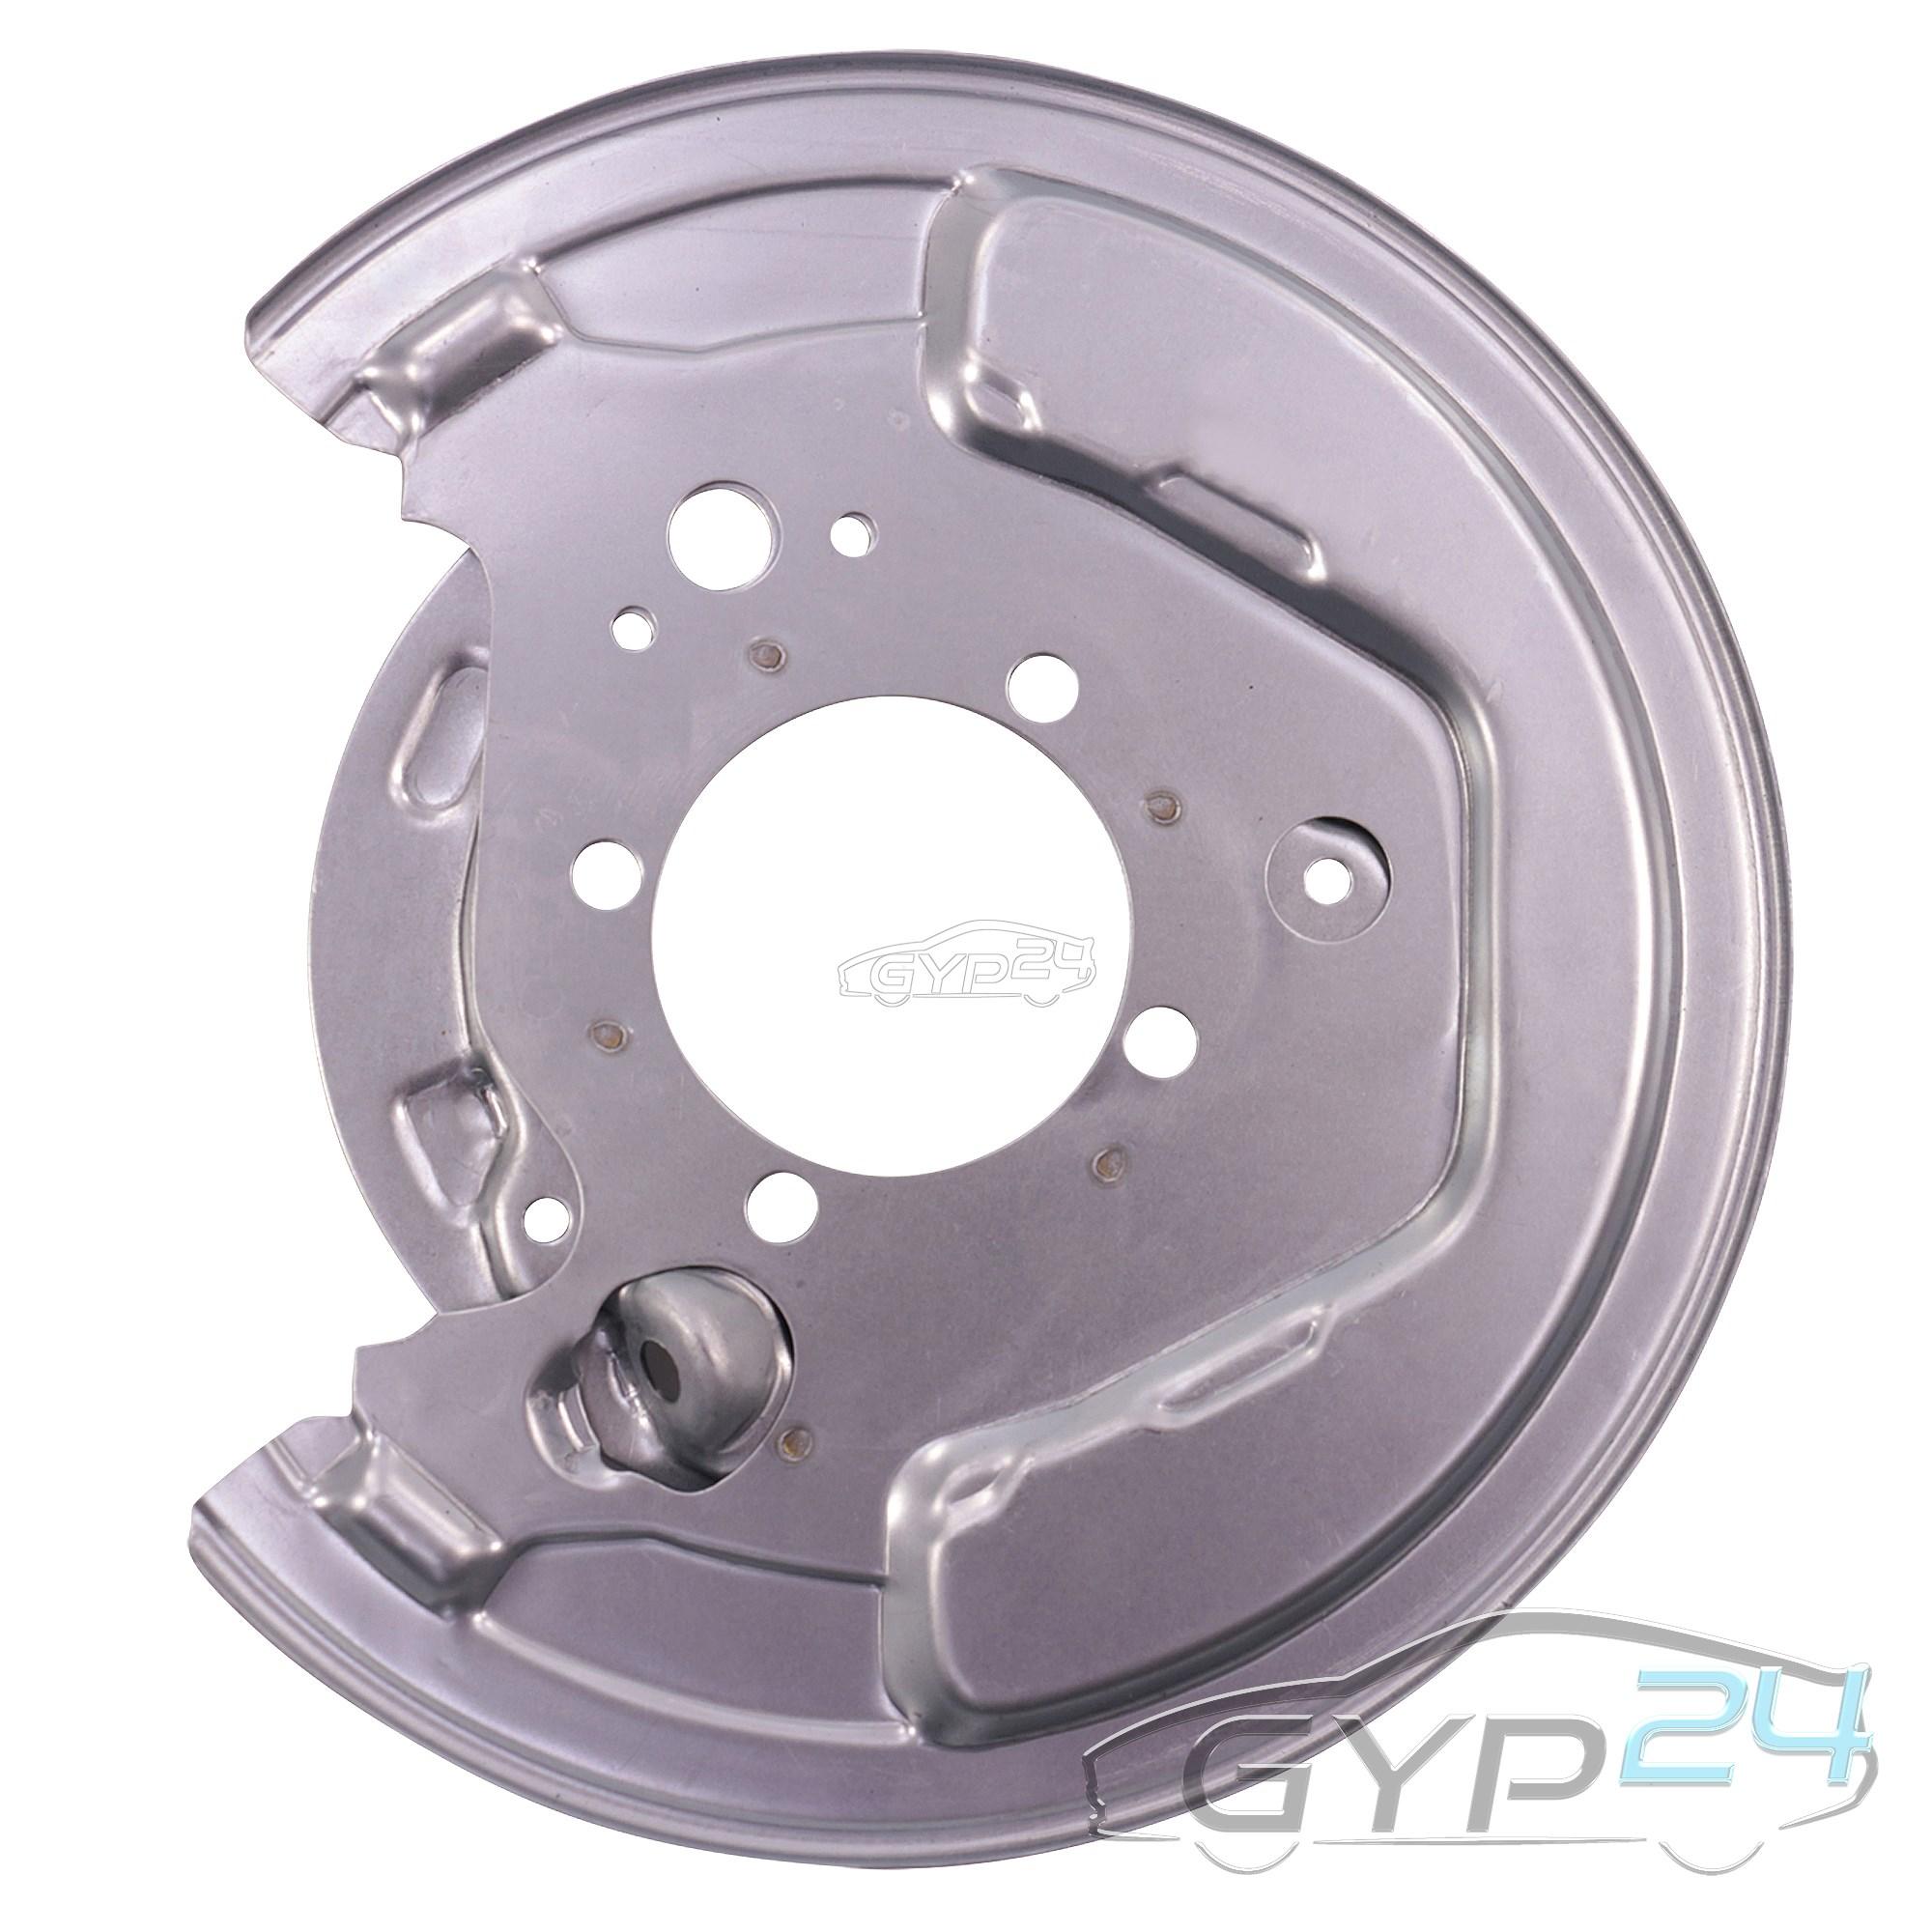 2x Deckblech Ankerblech Spritzblech Bremsscheibe hinten Hinterachse